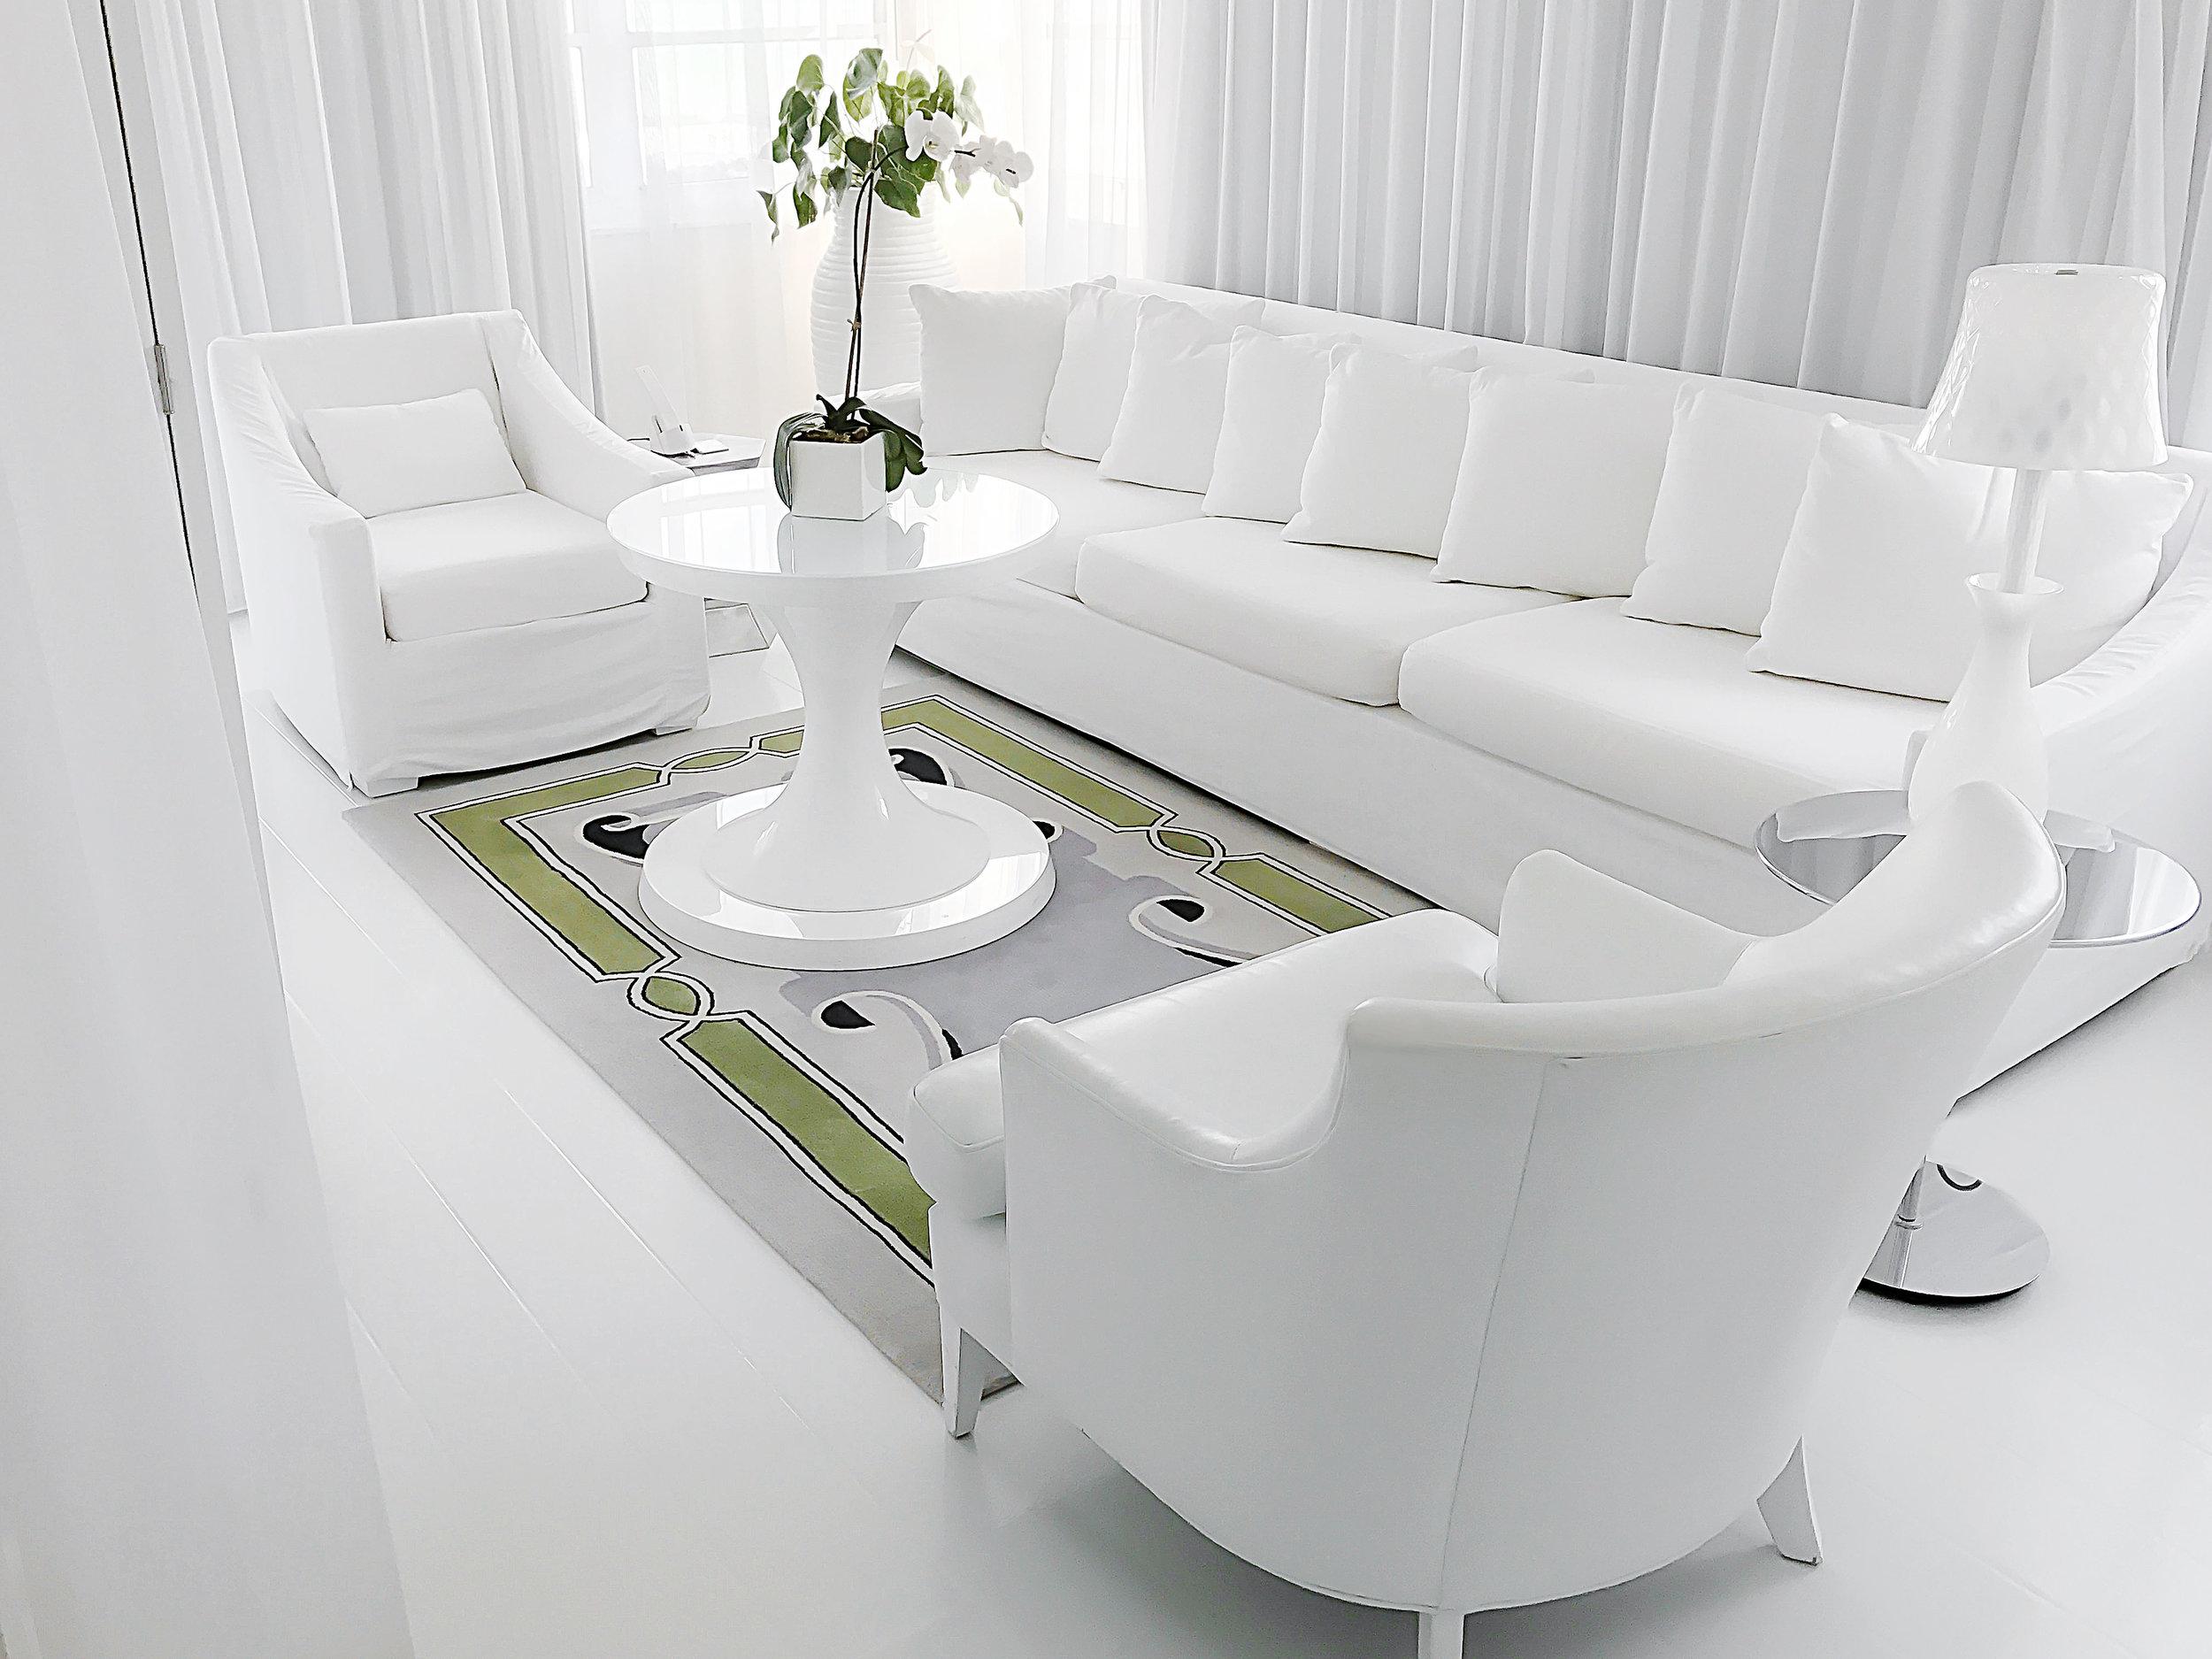 Delano-living-room-interior.jpg